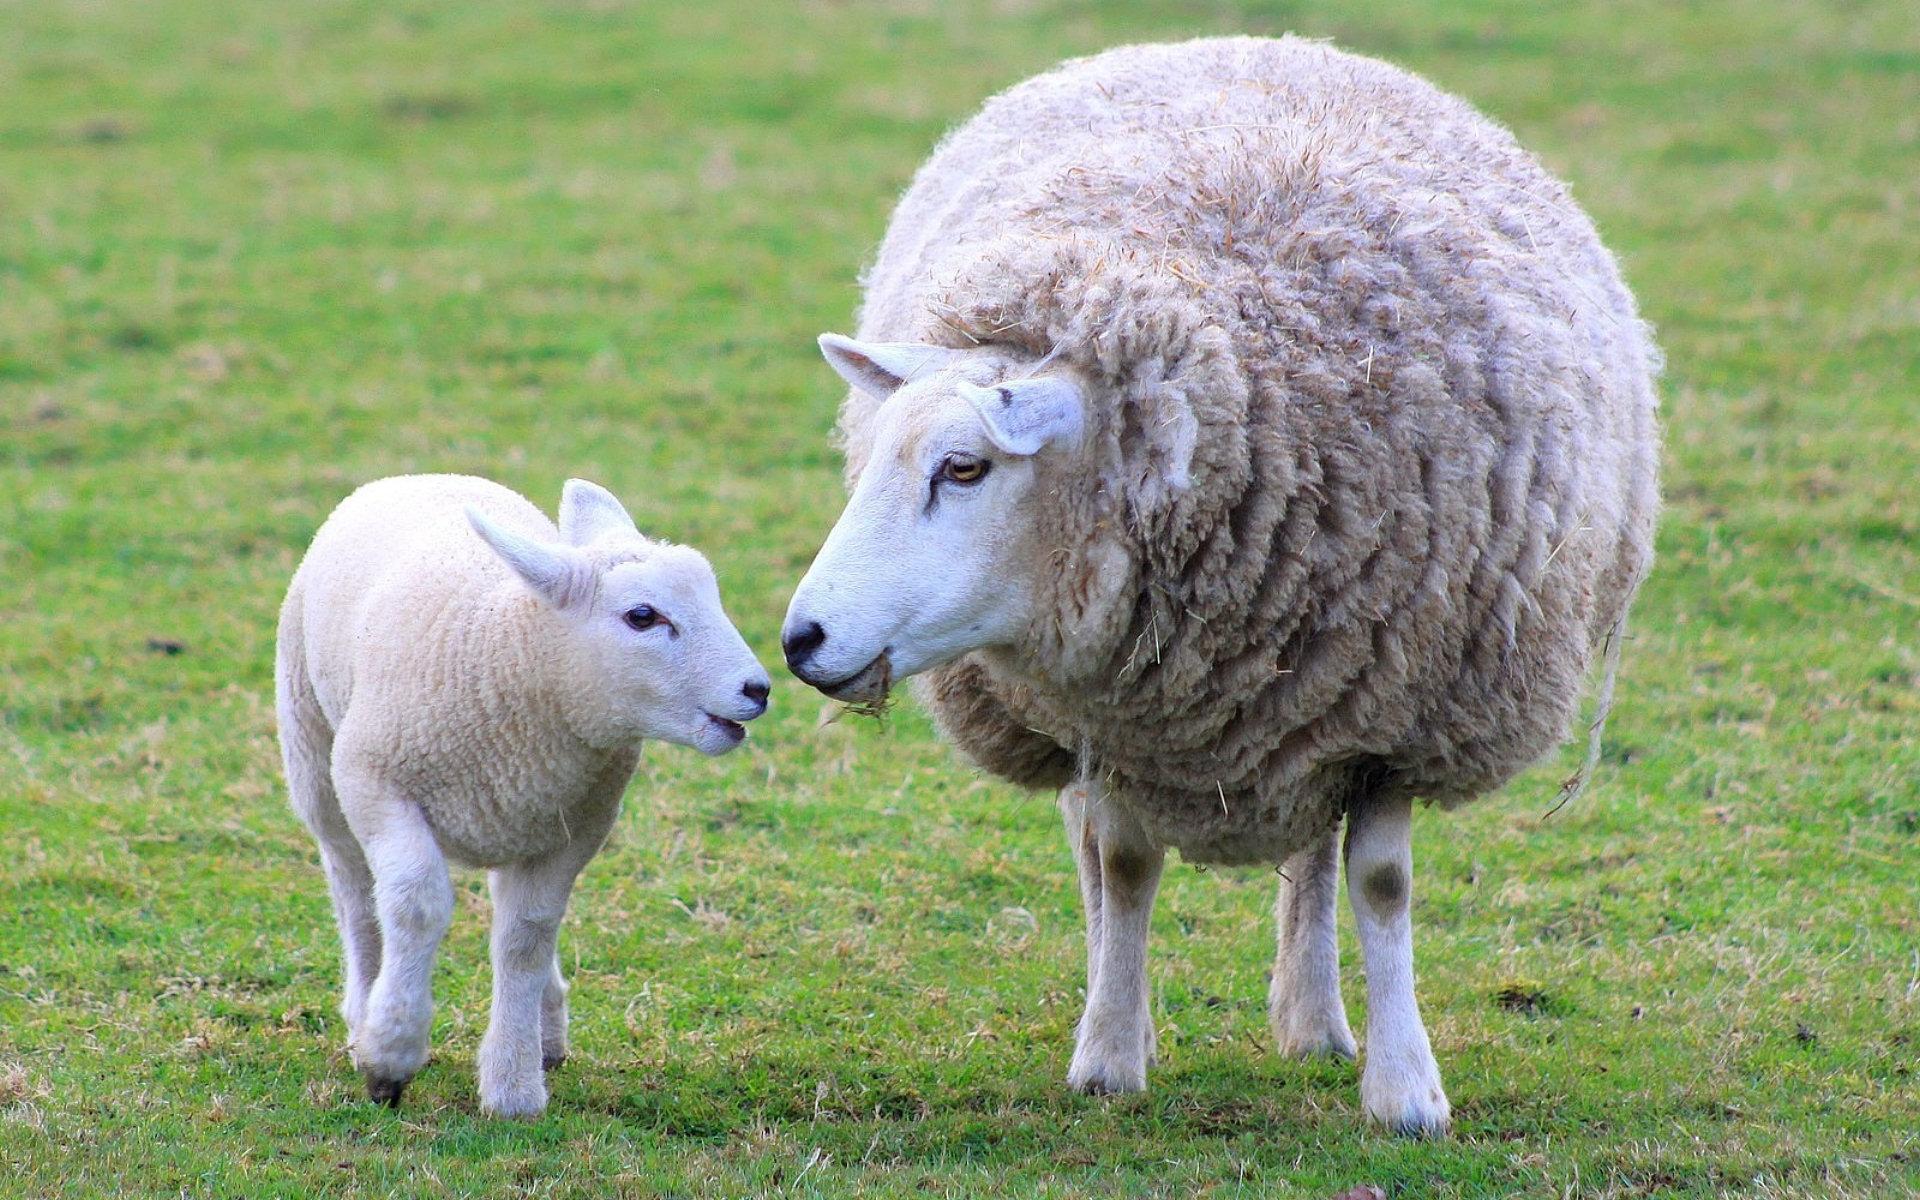 Ягненок: описание, основные отличия от других видов животных, как правильно называется детеныш овцы